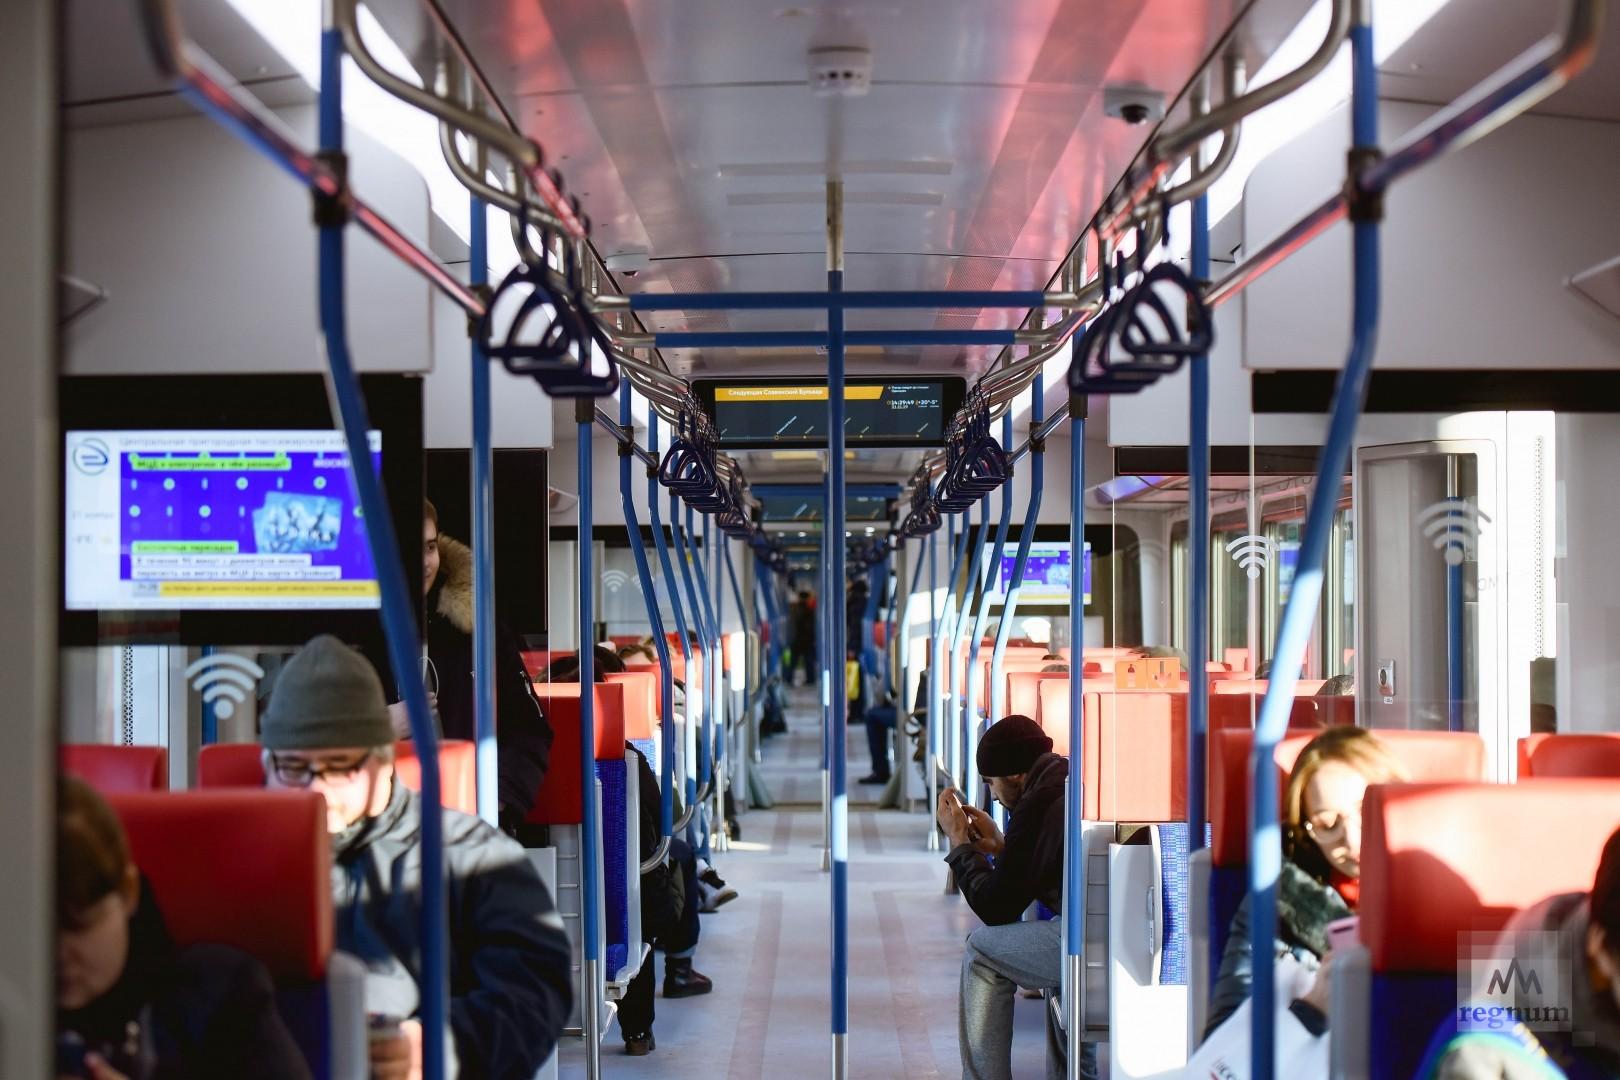 Тамбуров в новых поездах нет